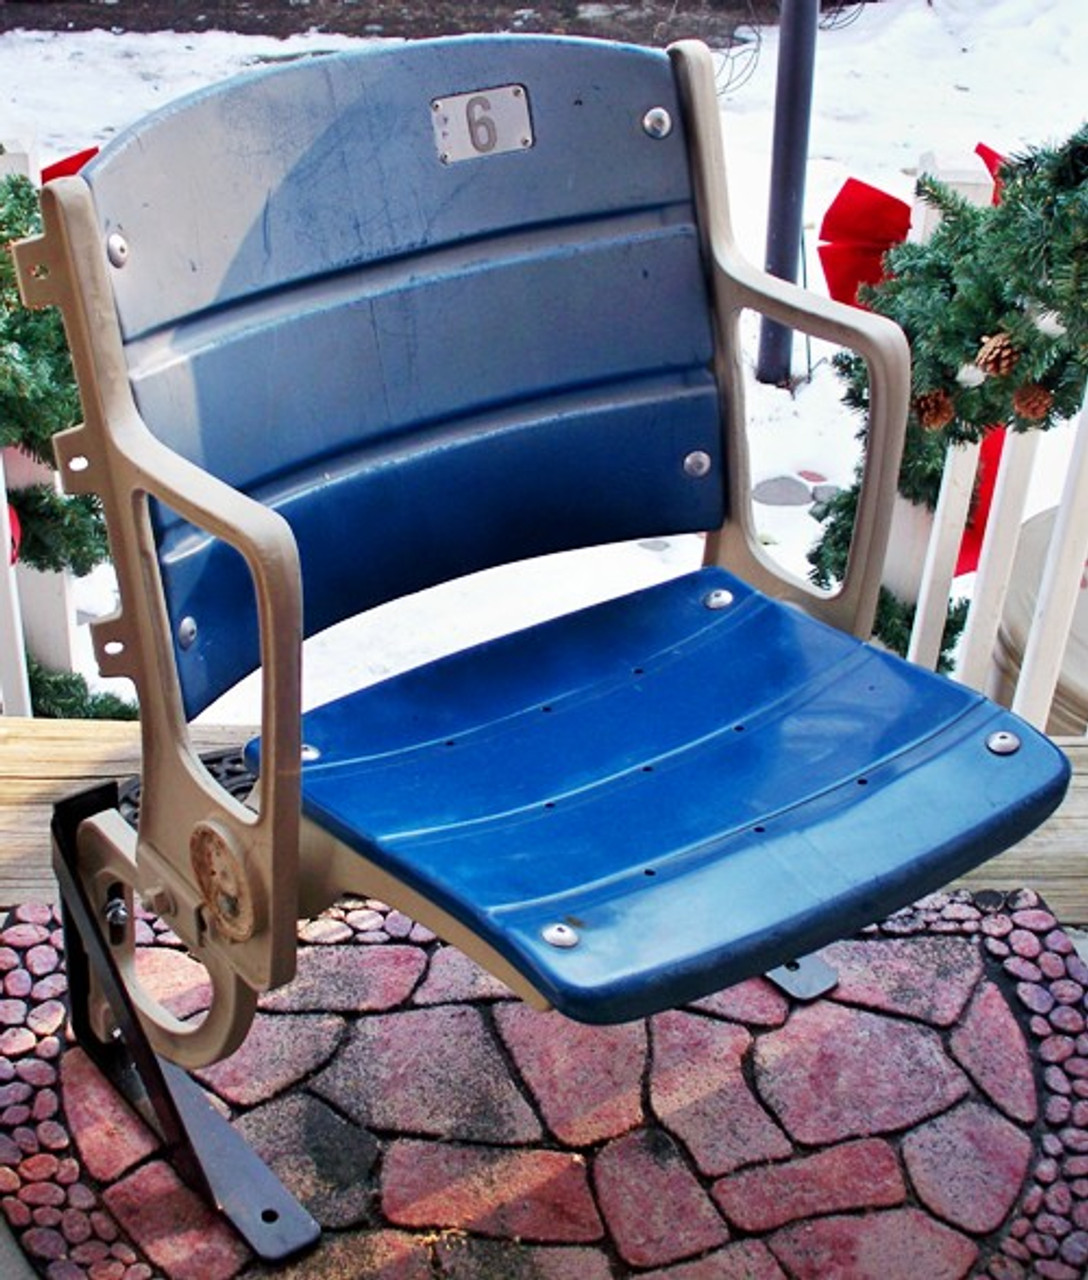 Shea Stadium Seat - New York Mets